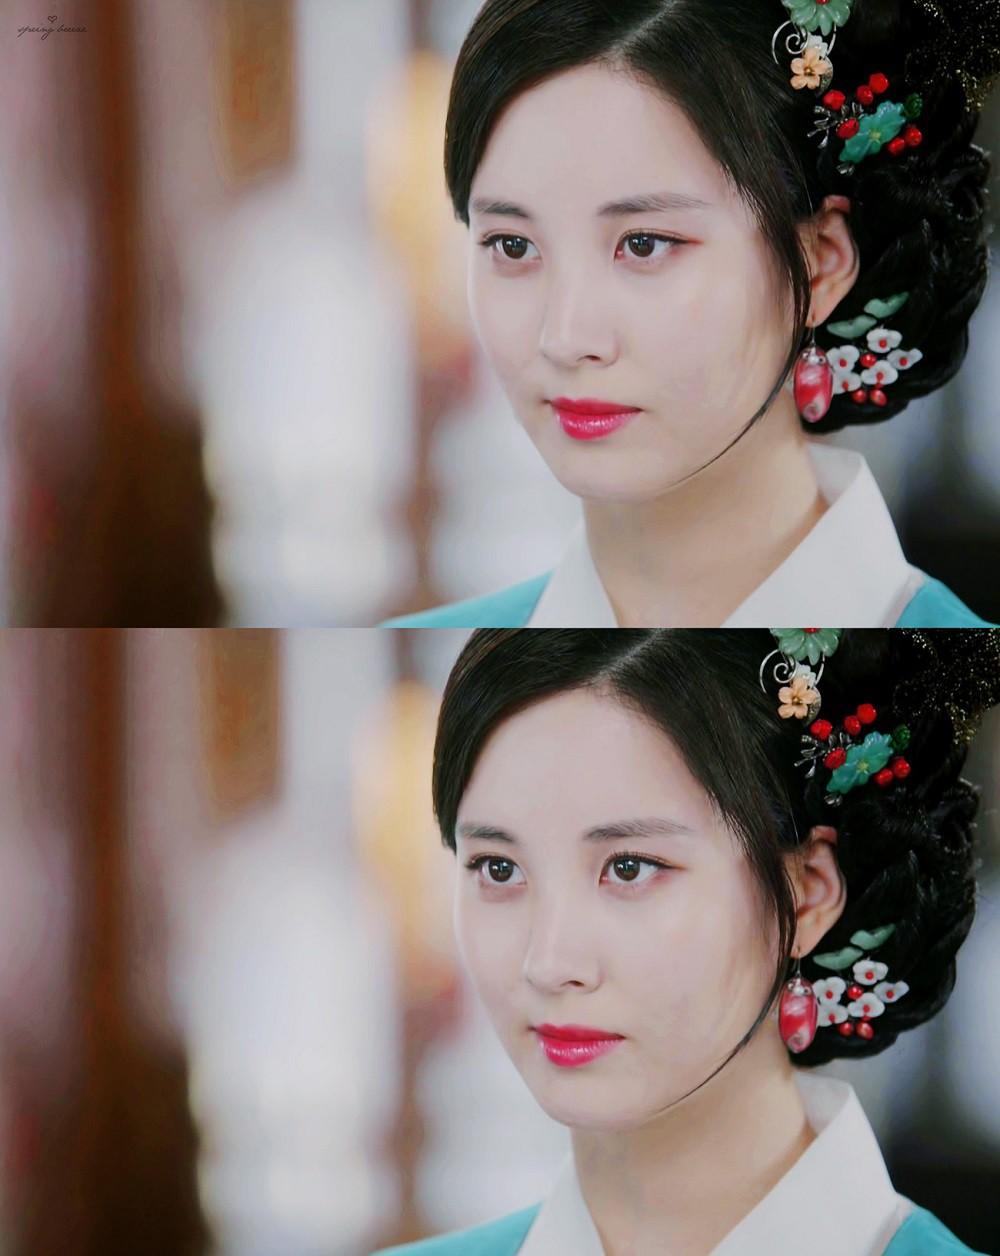 seohyun-2-15321948664321362721615.jpg